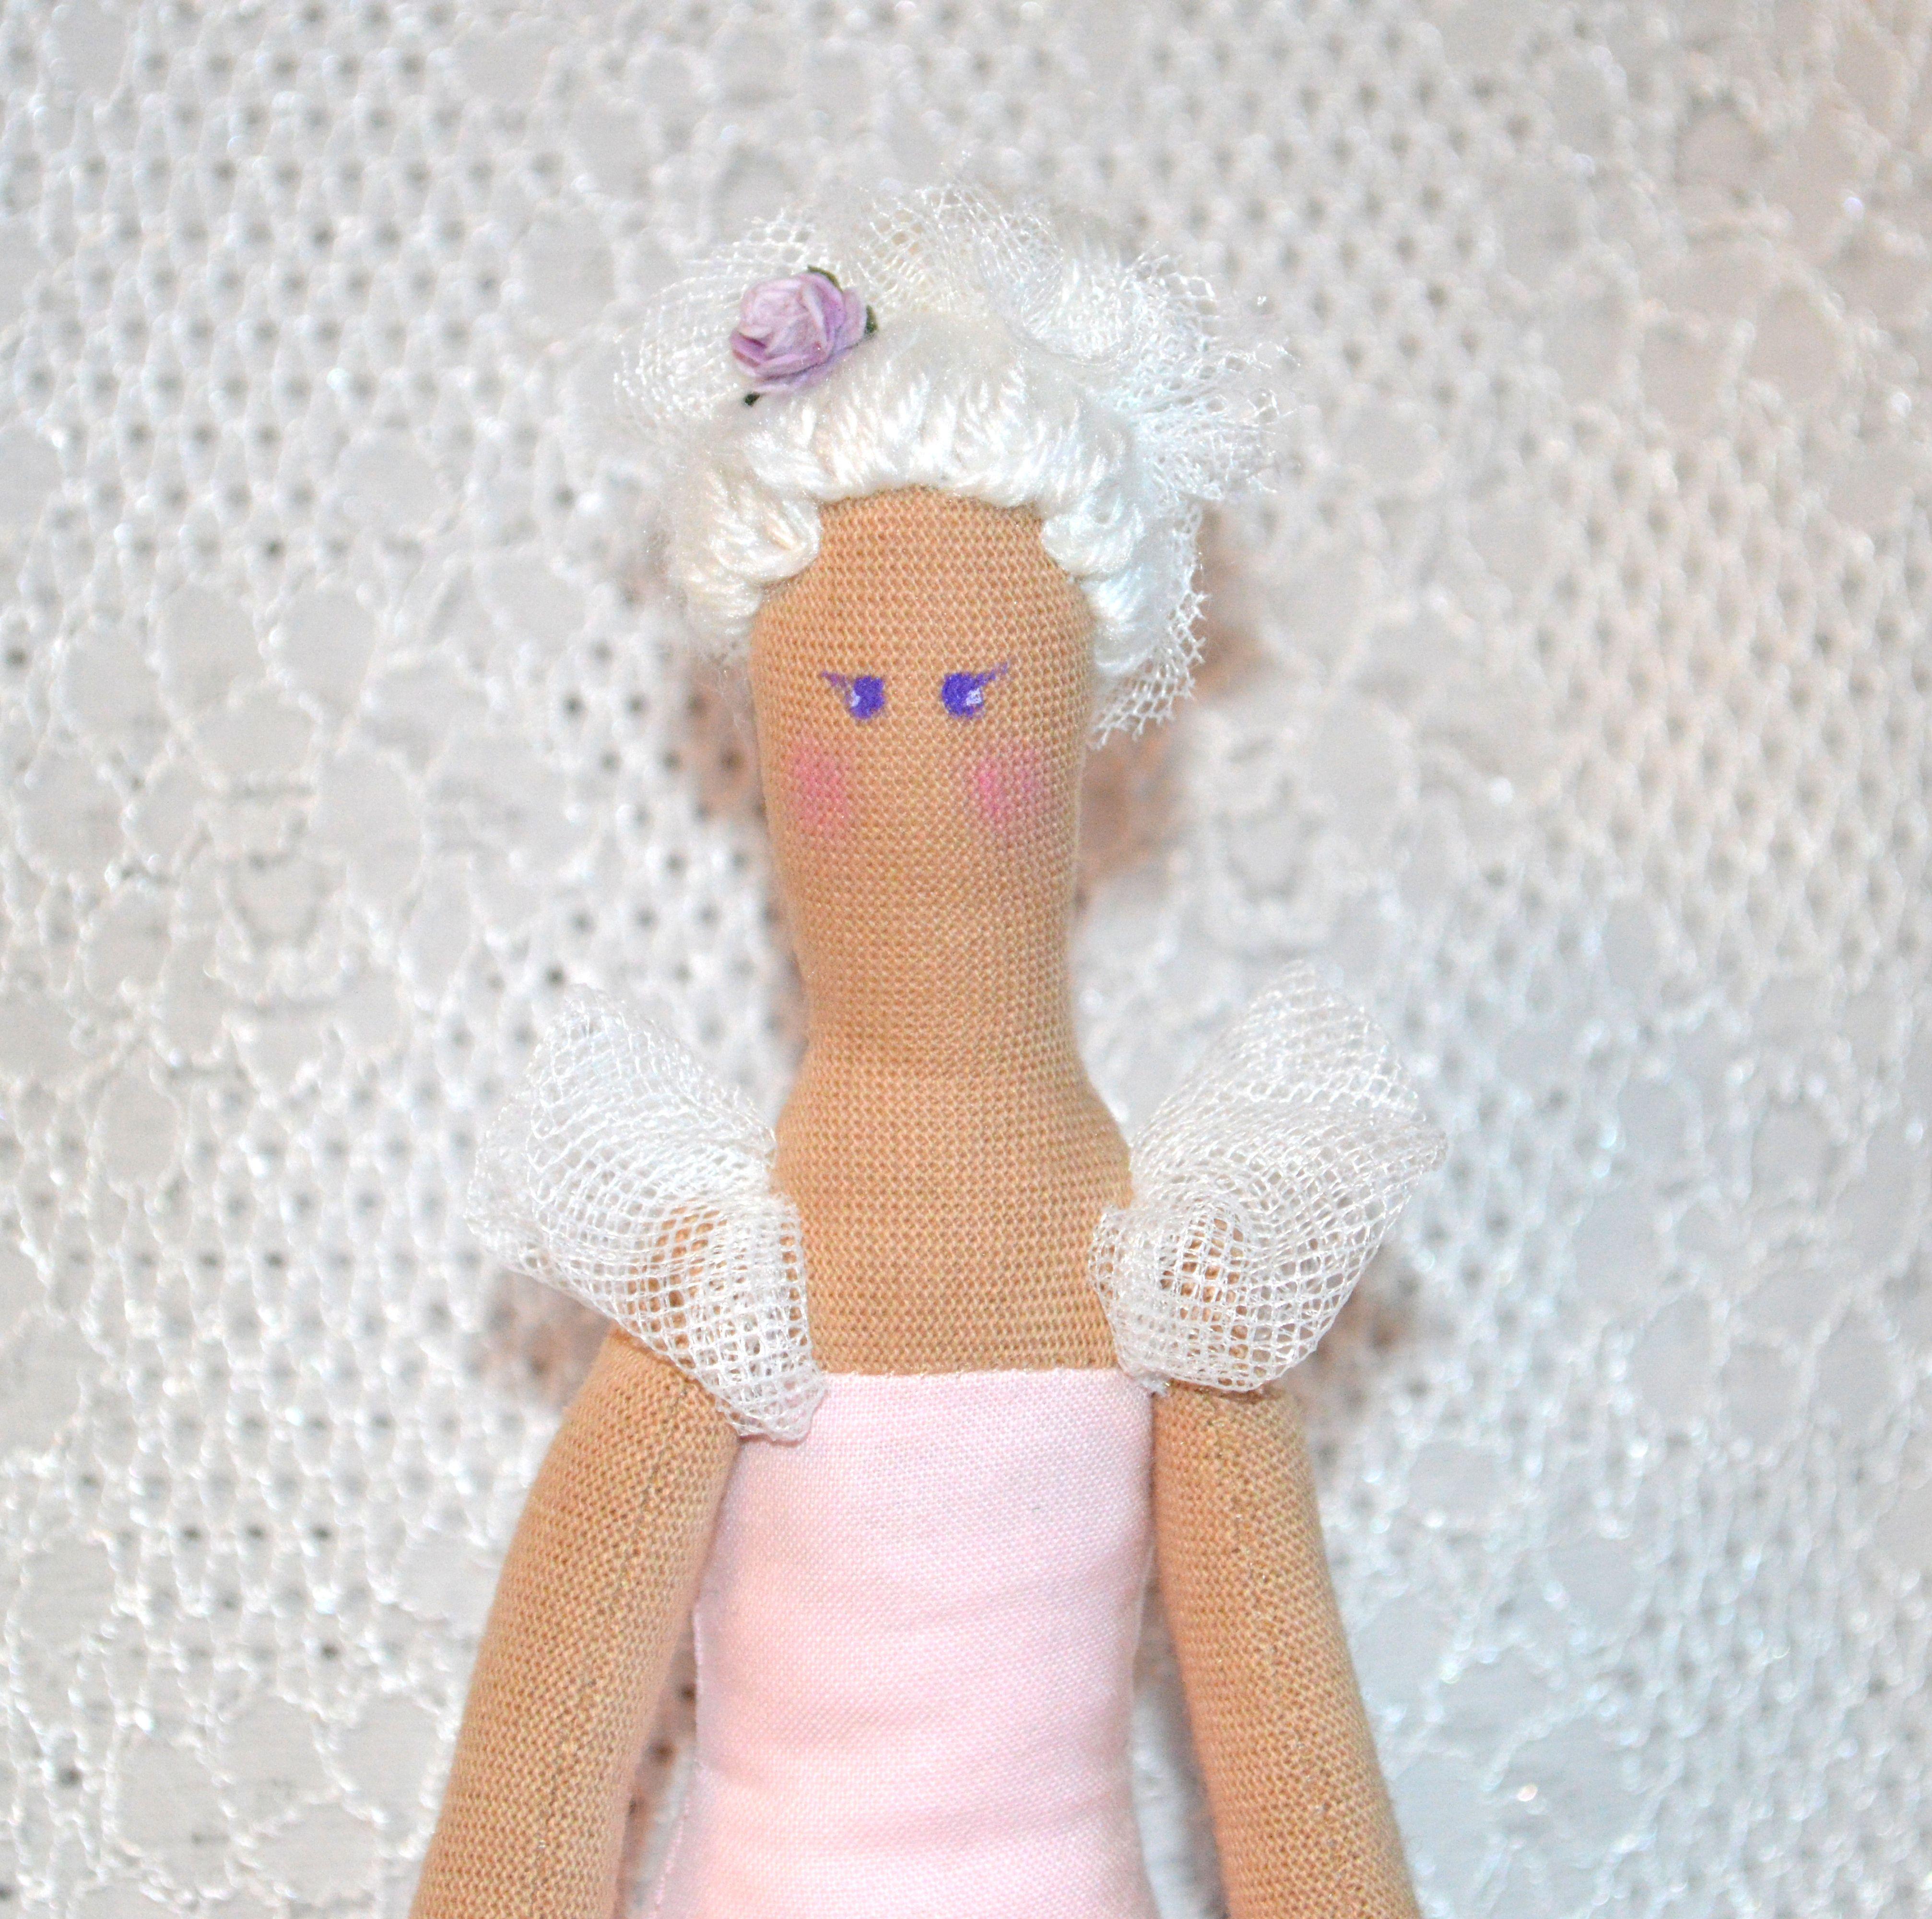 балерина кукла тильда интерьер подарок